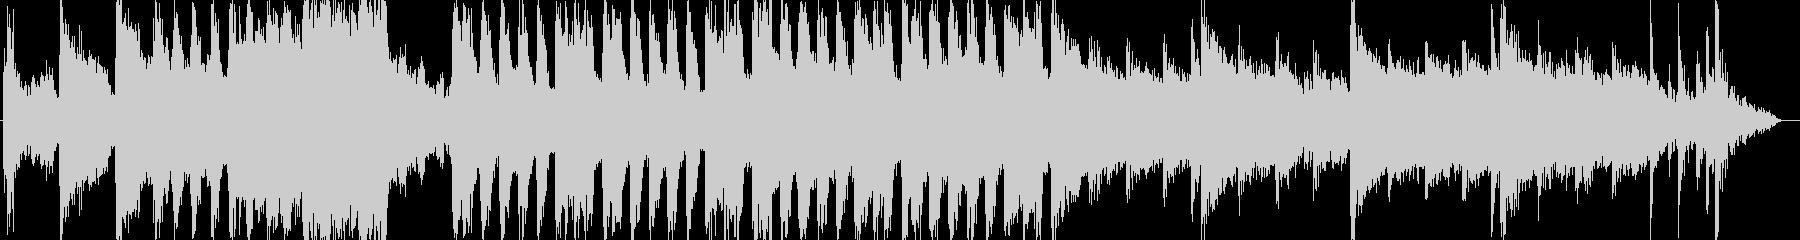 琴笛の和風ループ音源アップテンポの未再生の波形